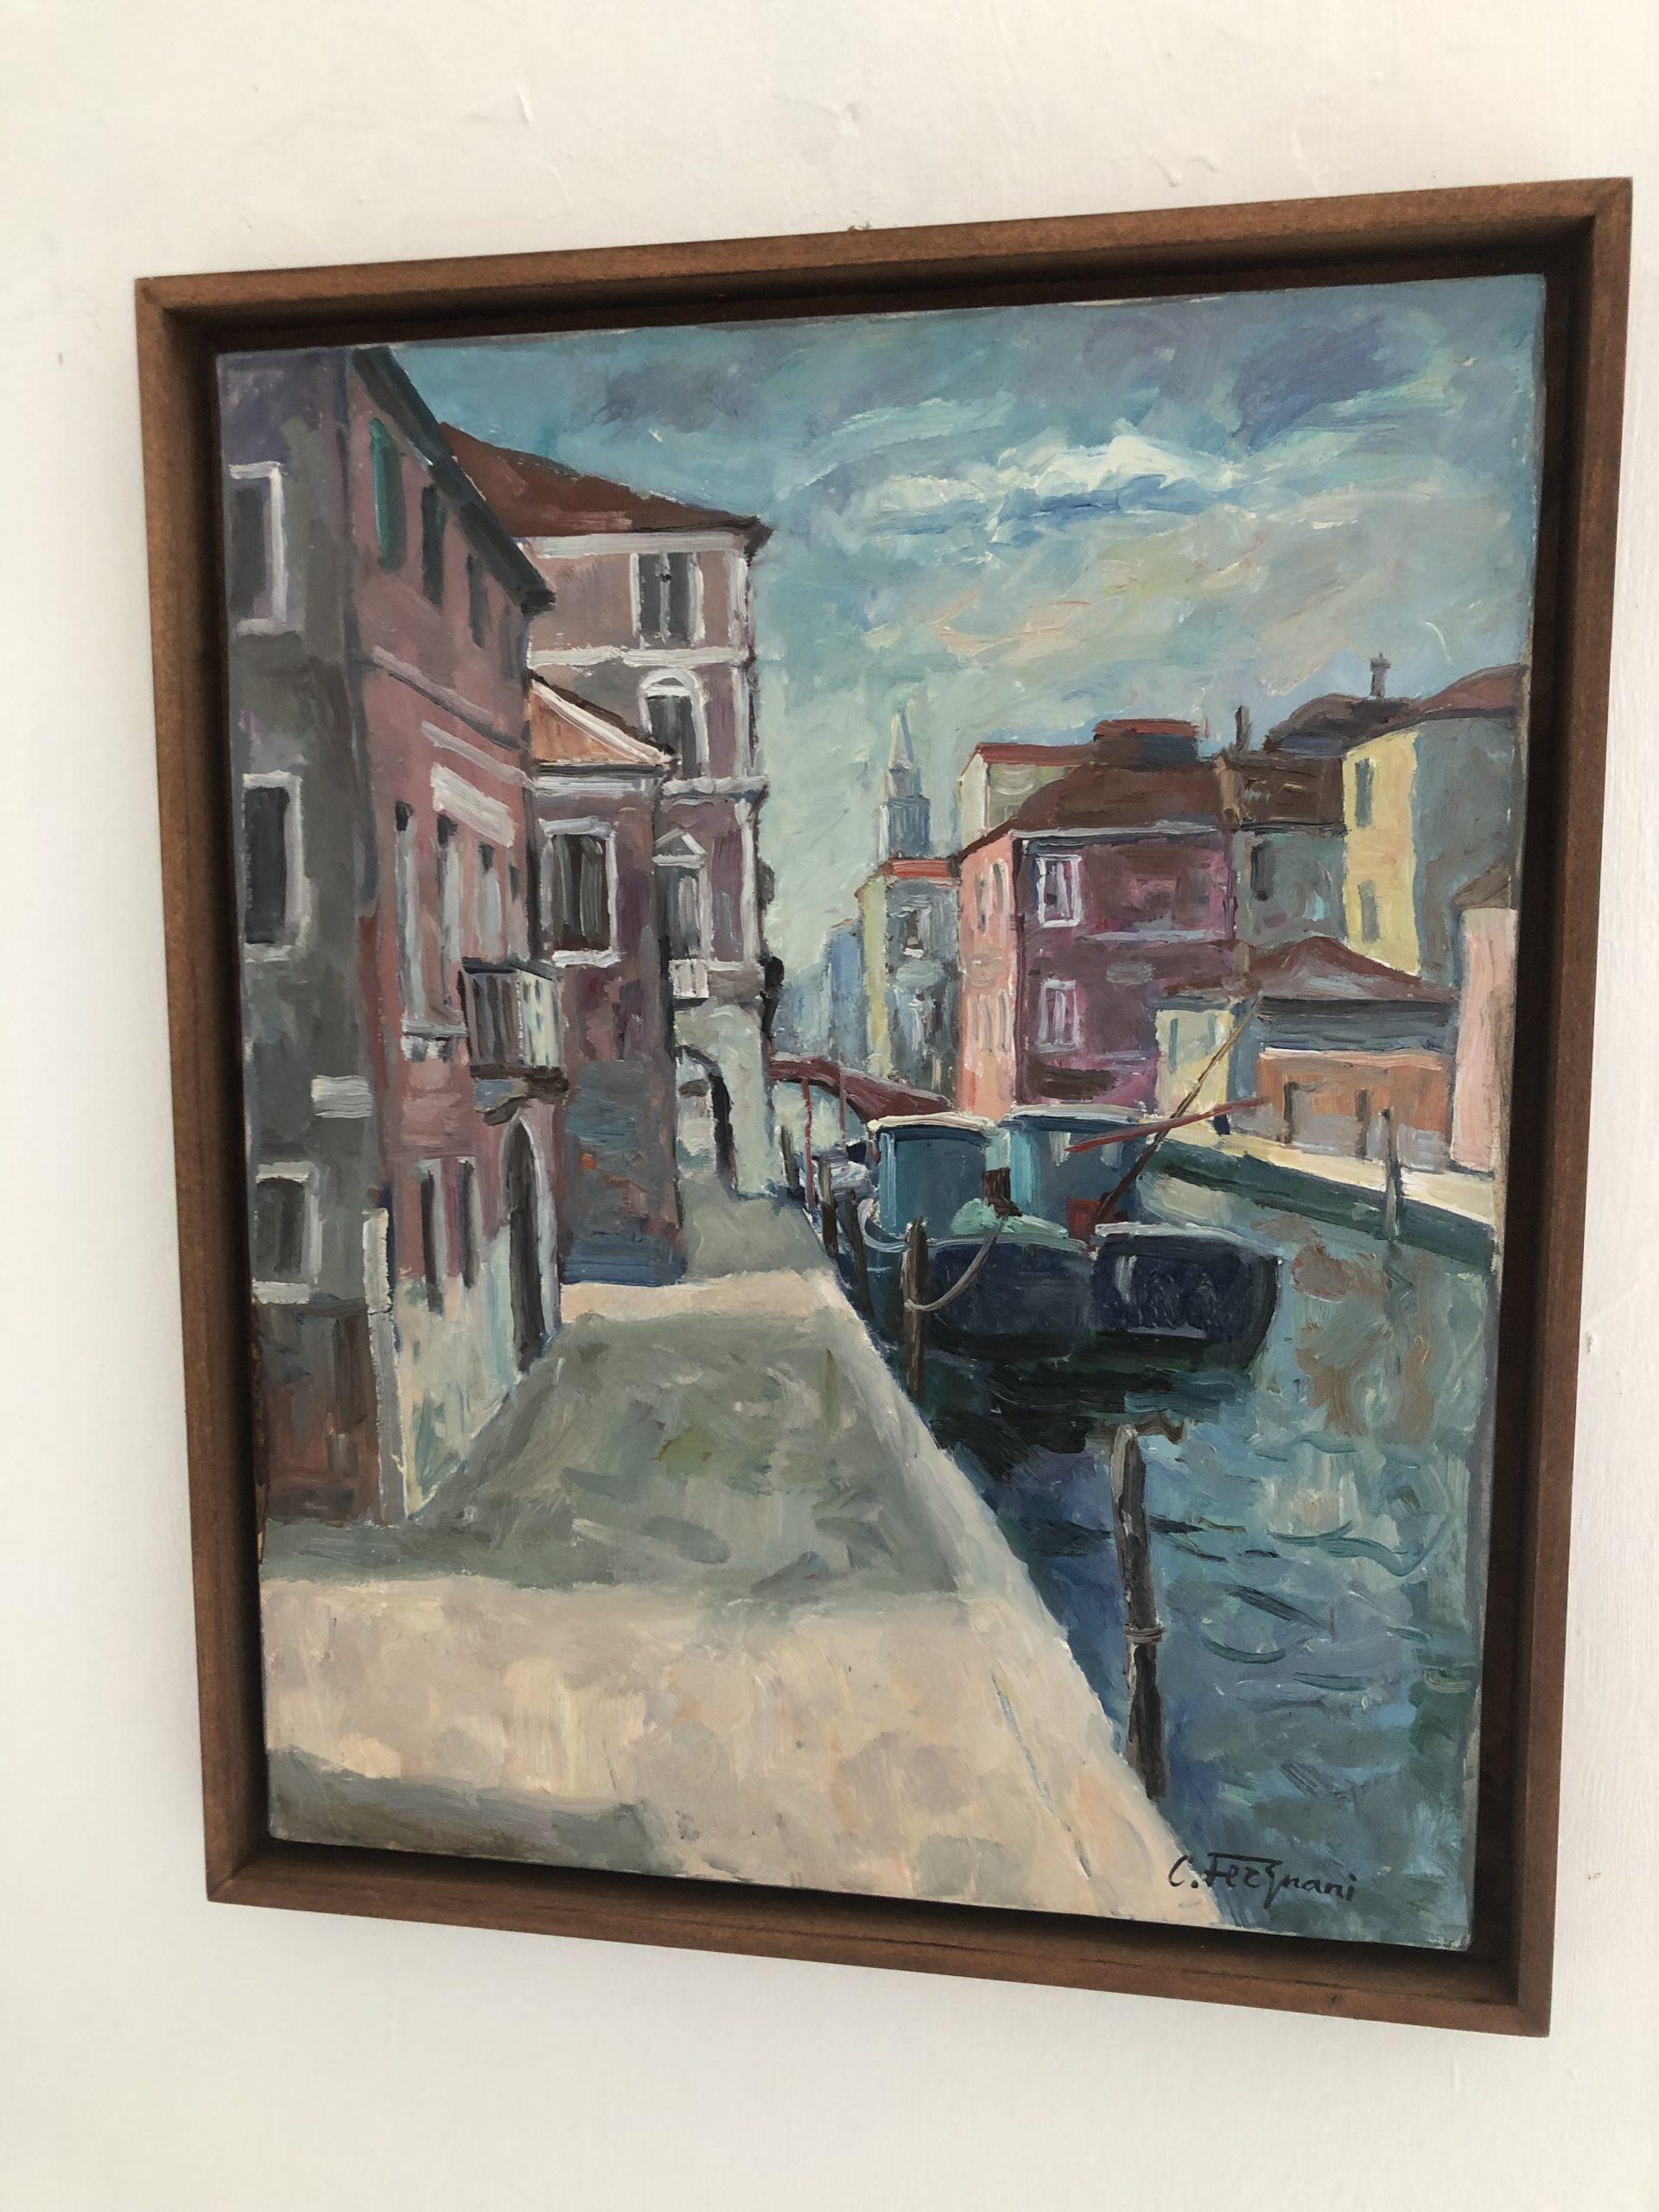 Corrado Fergnani, i dipinti della Venezia sconosciuta che aumentano il valore improvvisamente